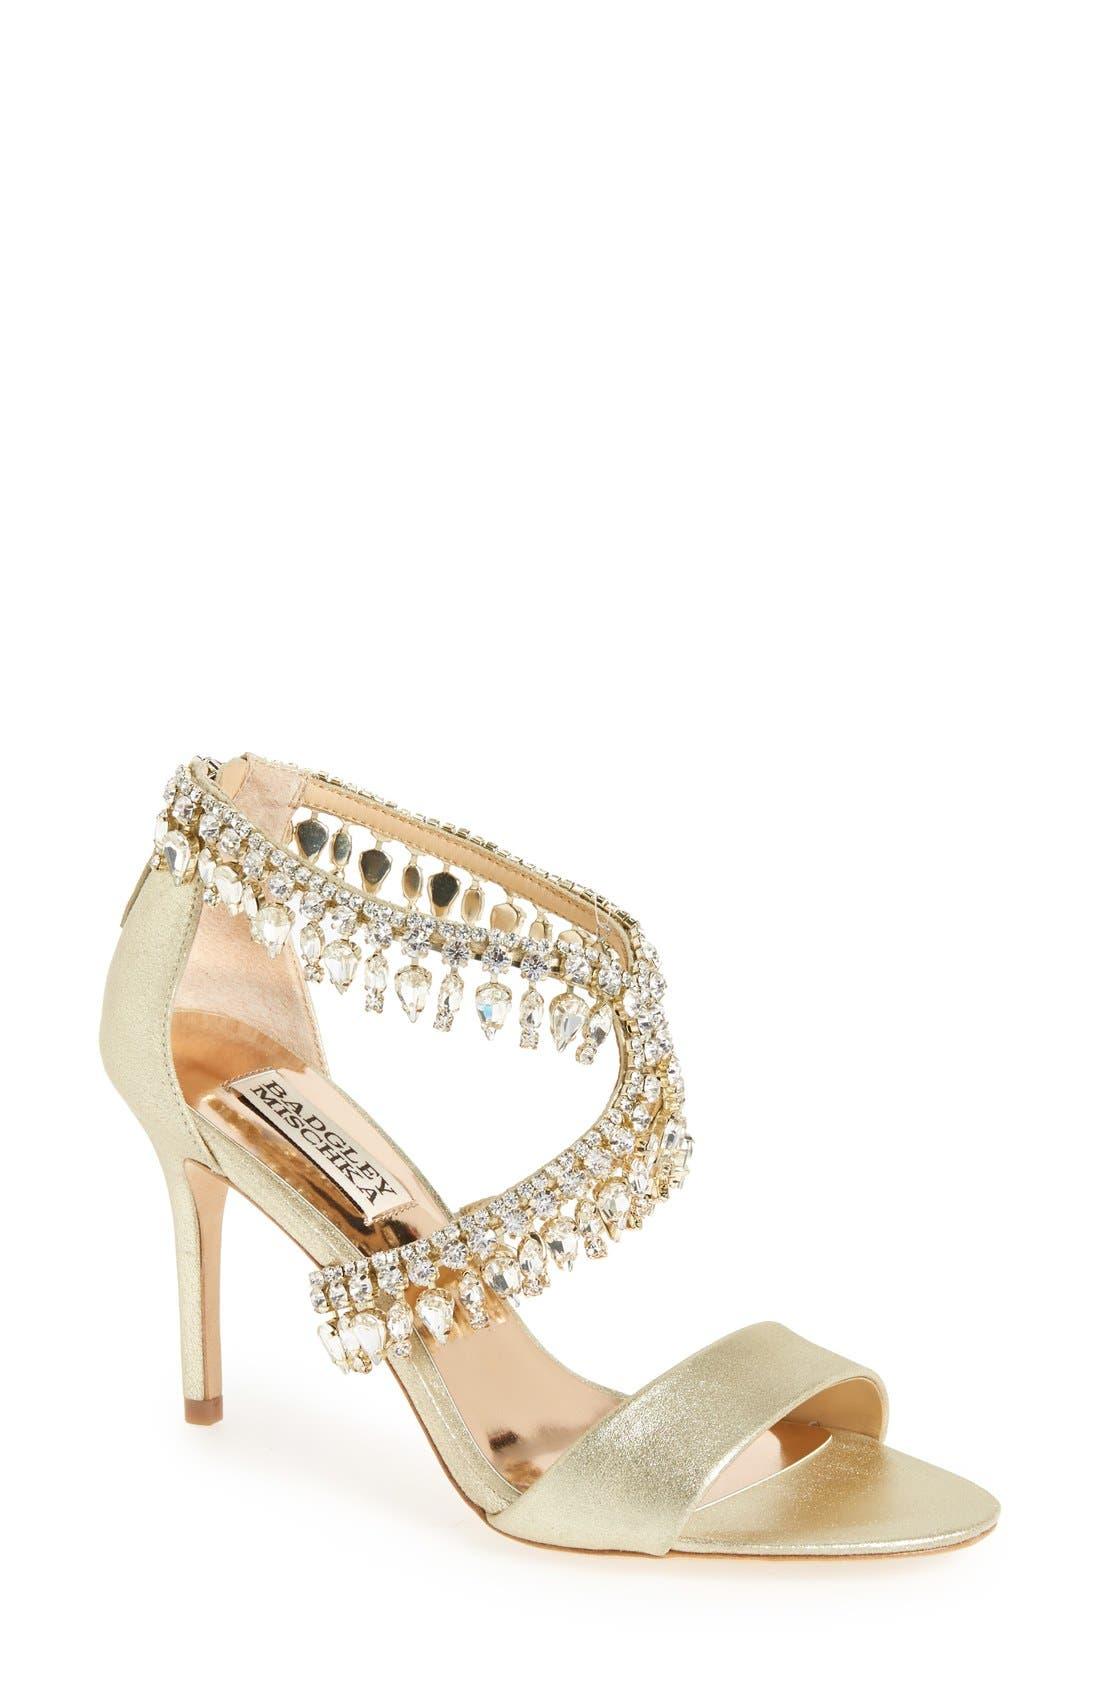 Alternate Image 1 Selected - Badgley Mischka Crystal-Embellished Sandal (Women)